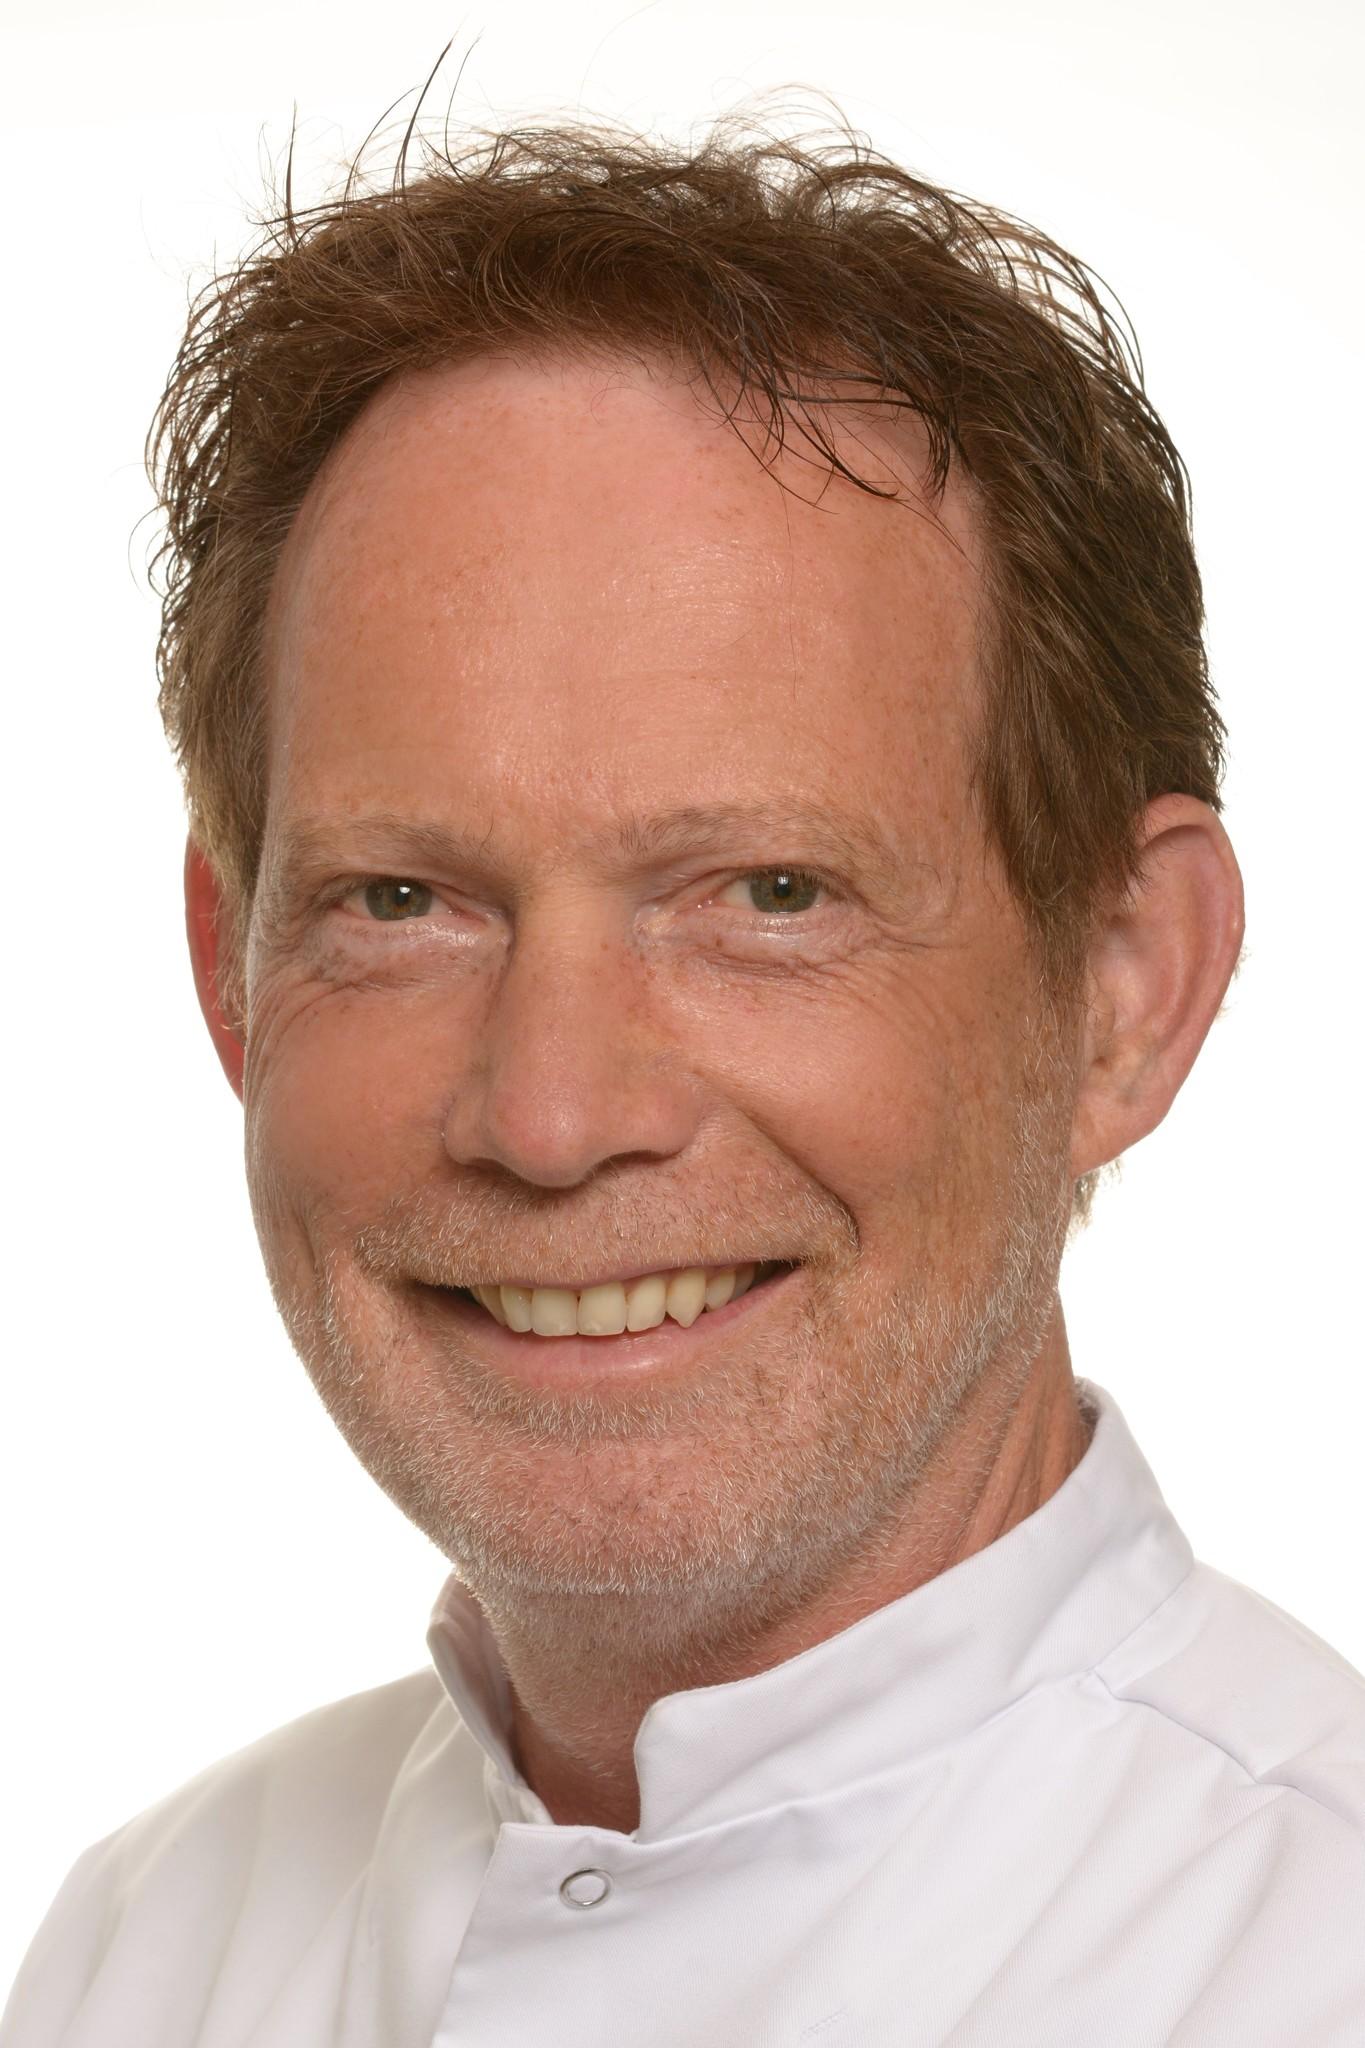 Biologisch tandarts Ronald Muts